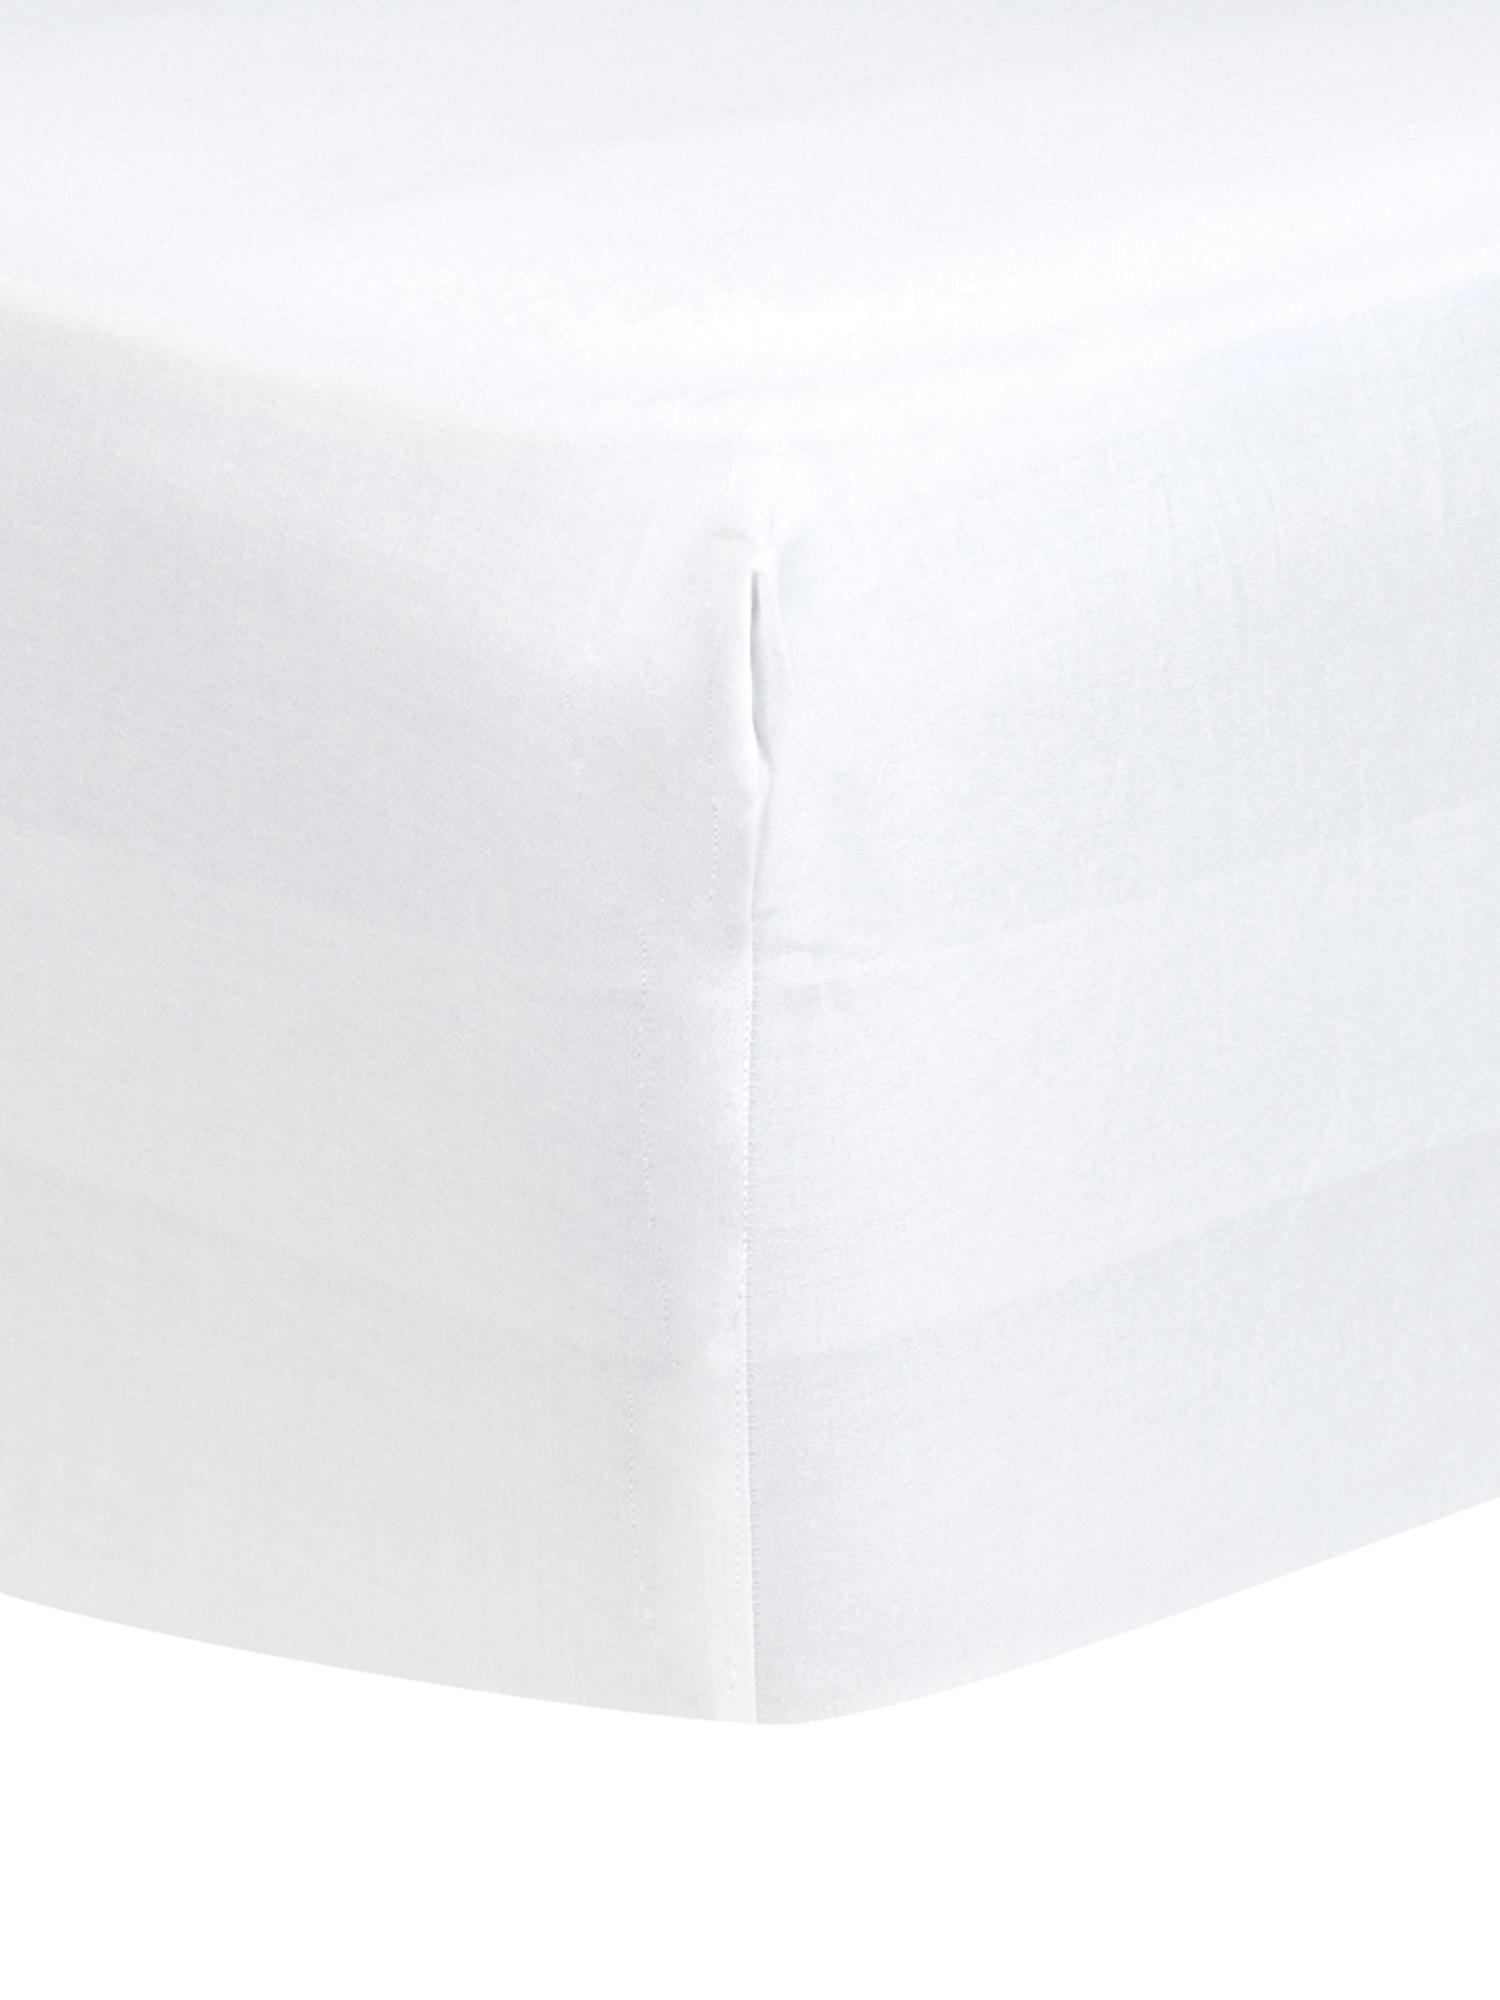 Prześcieradło z gumką na łóżko kontynentalne z satyny bawełnianej Comfort, Biały, S 90 x D 200 cm